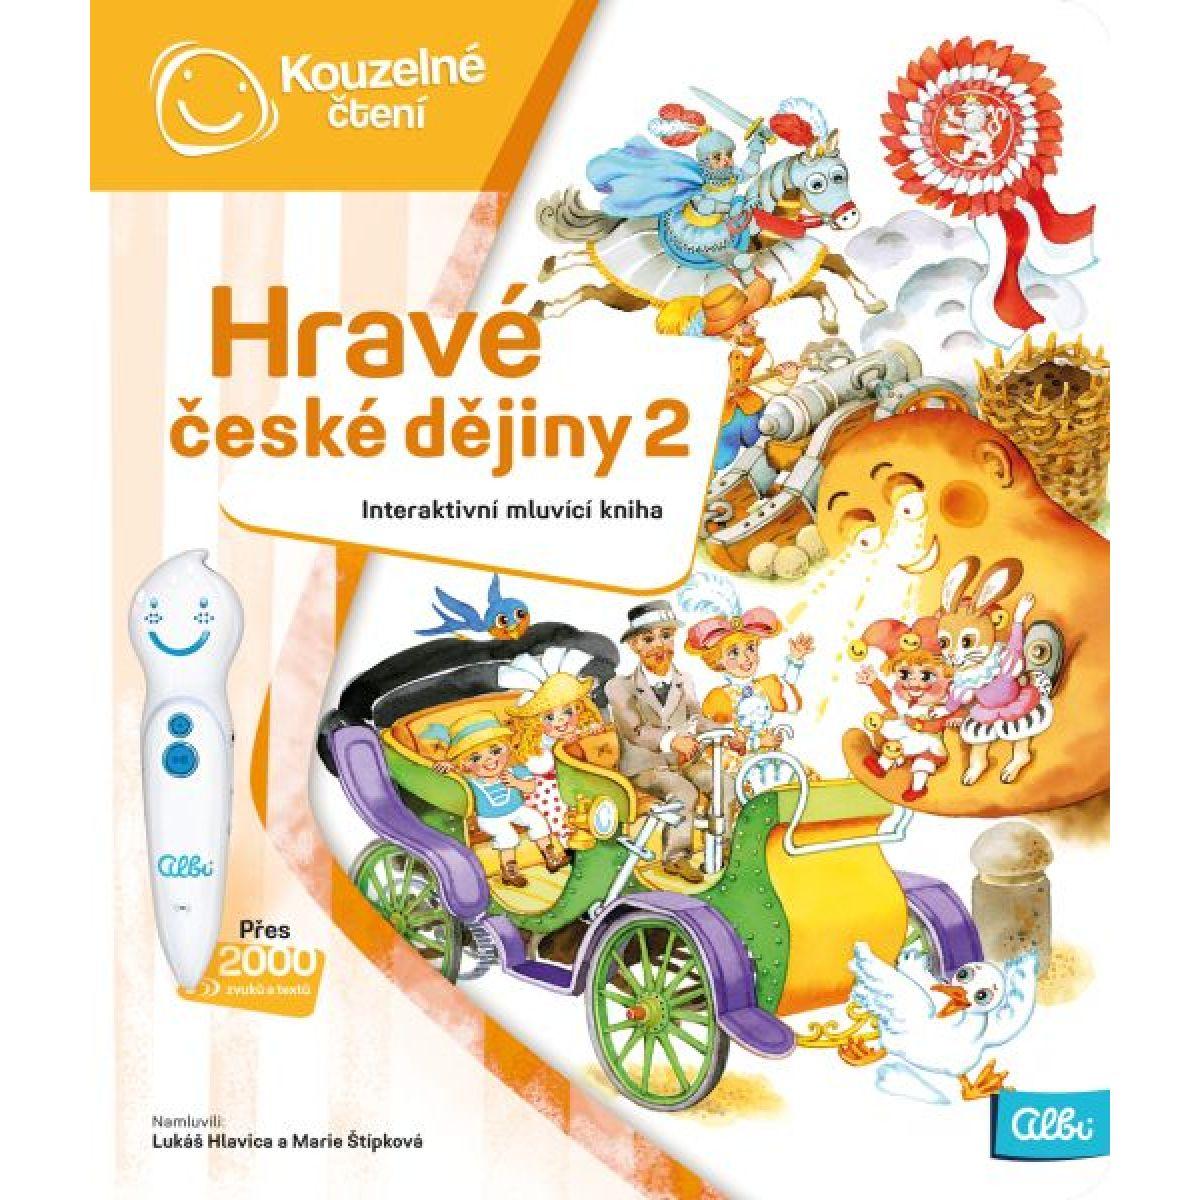 Albi Kouzelné čtení Kniha Hravé české dějiny 2